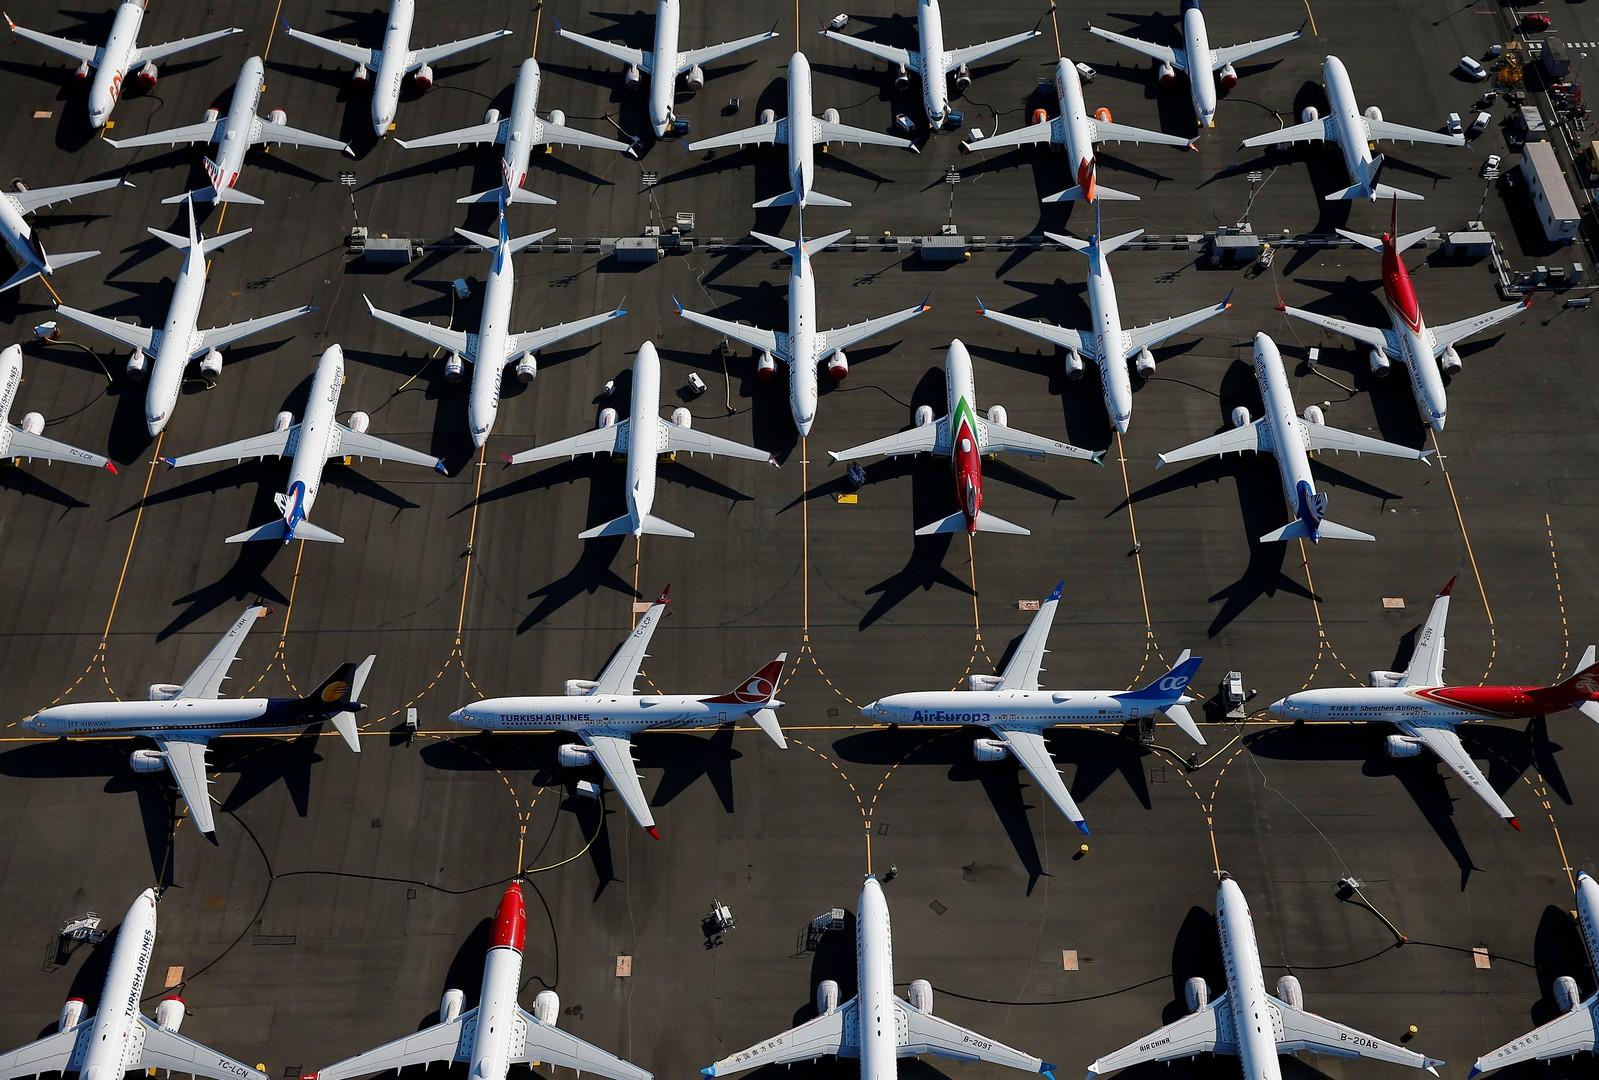 شركة طيران روسية ترفع دعوى قضائية الأولى من نوعها ضد